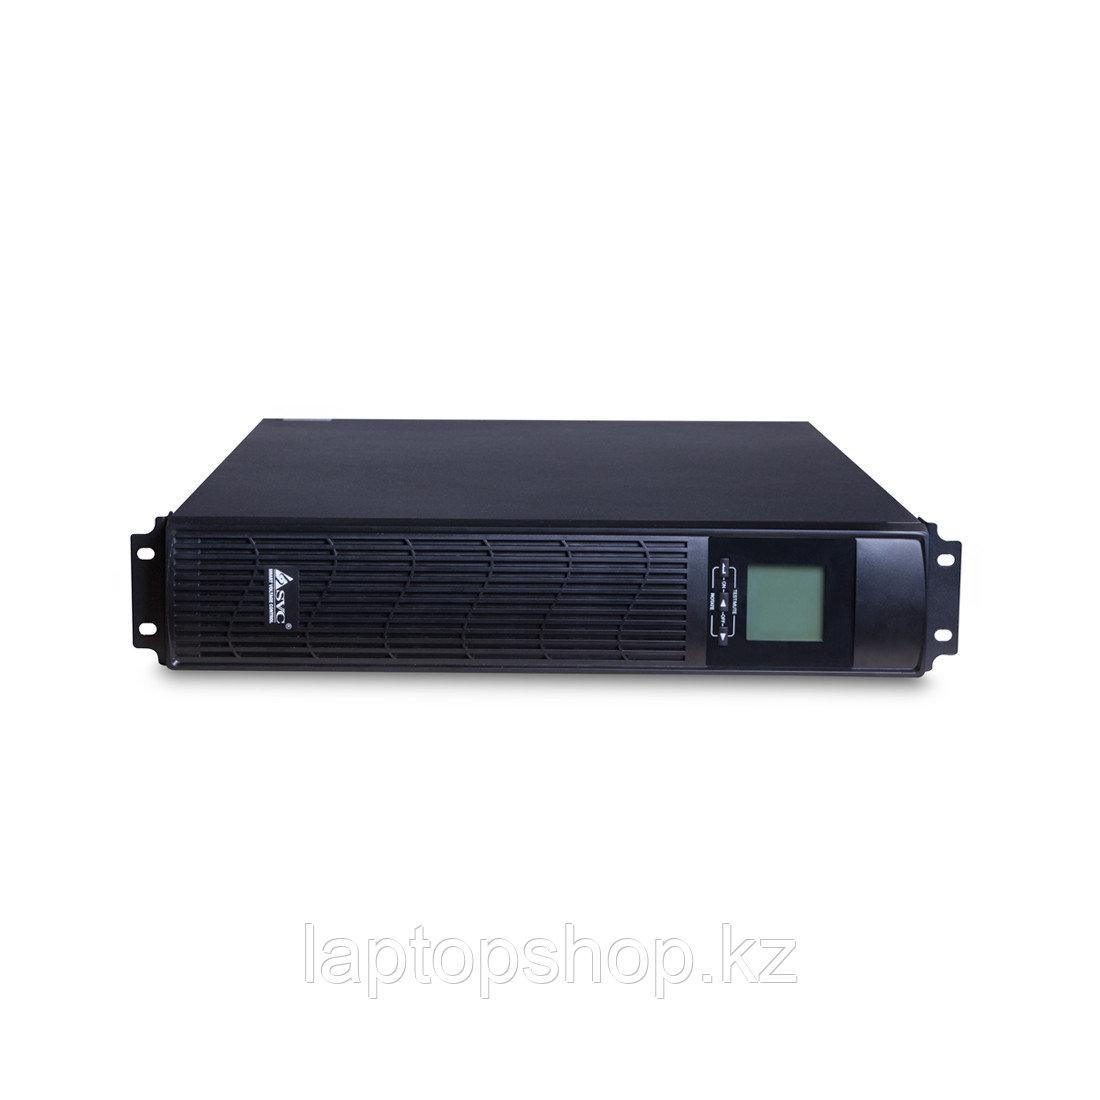 Источник бесперебойного питания SVC RTS-3KL-LCD, Мощность 3000ВА/2700Вт